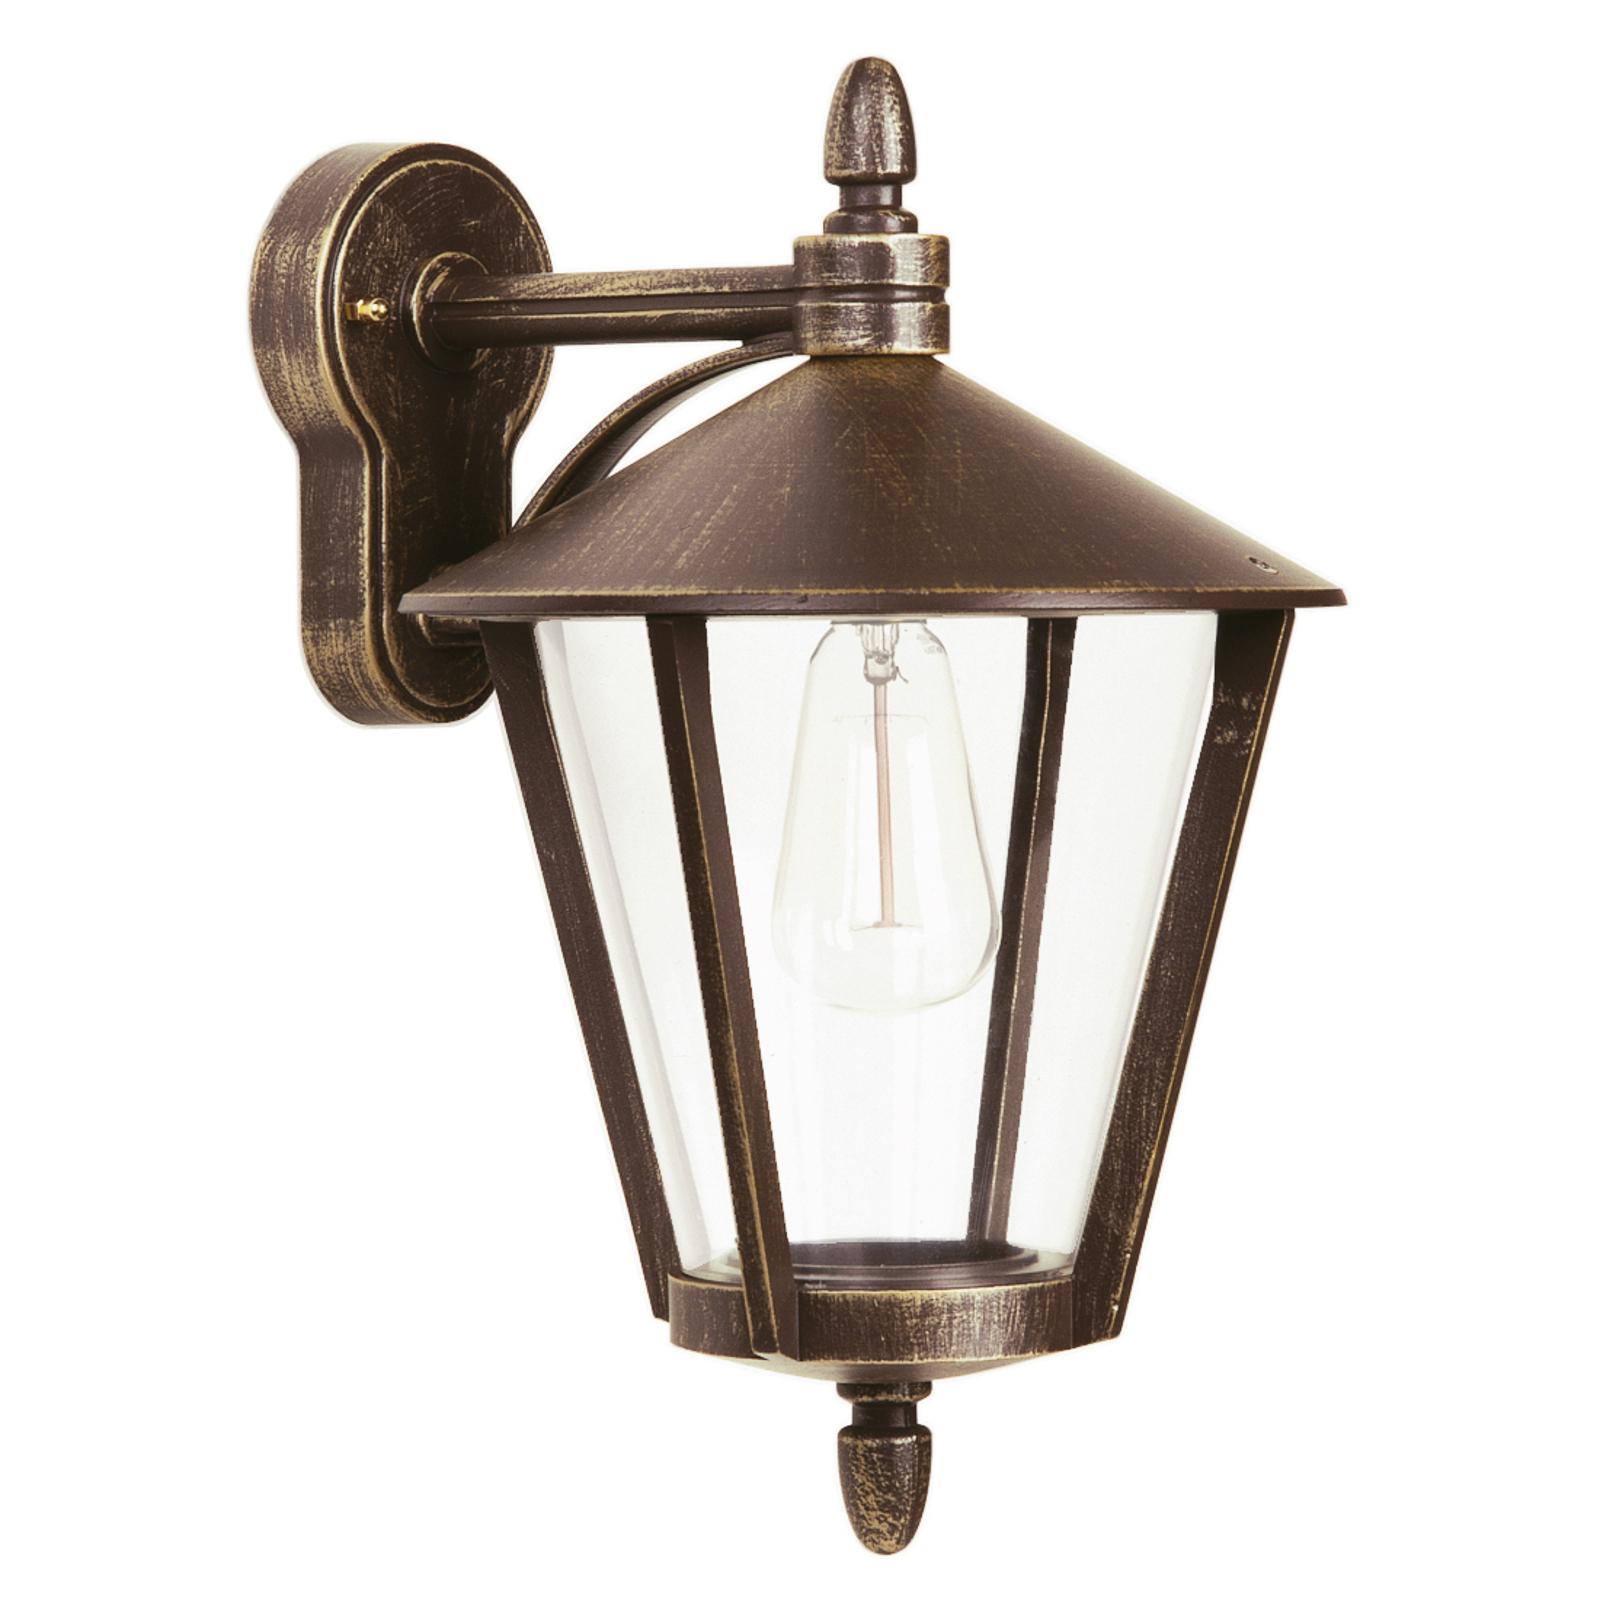 Stijlvolle buitenwandlamp 665 B